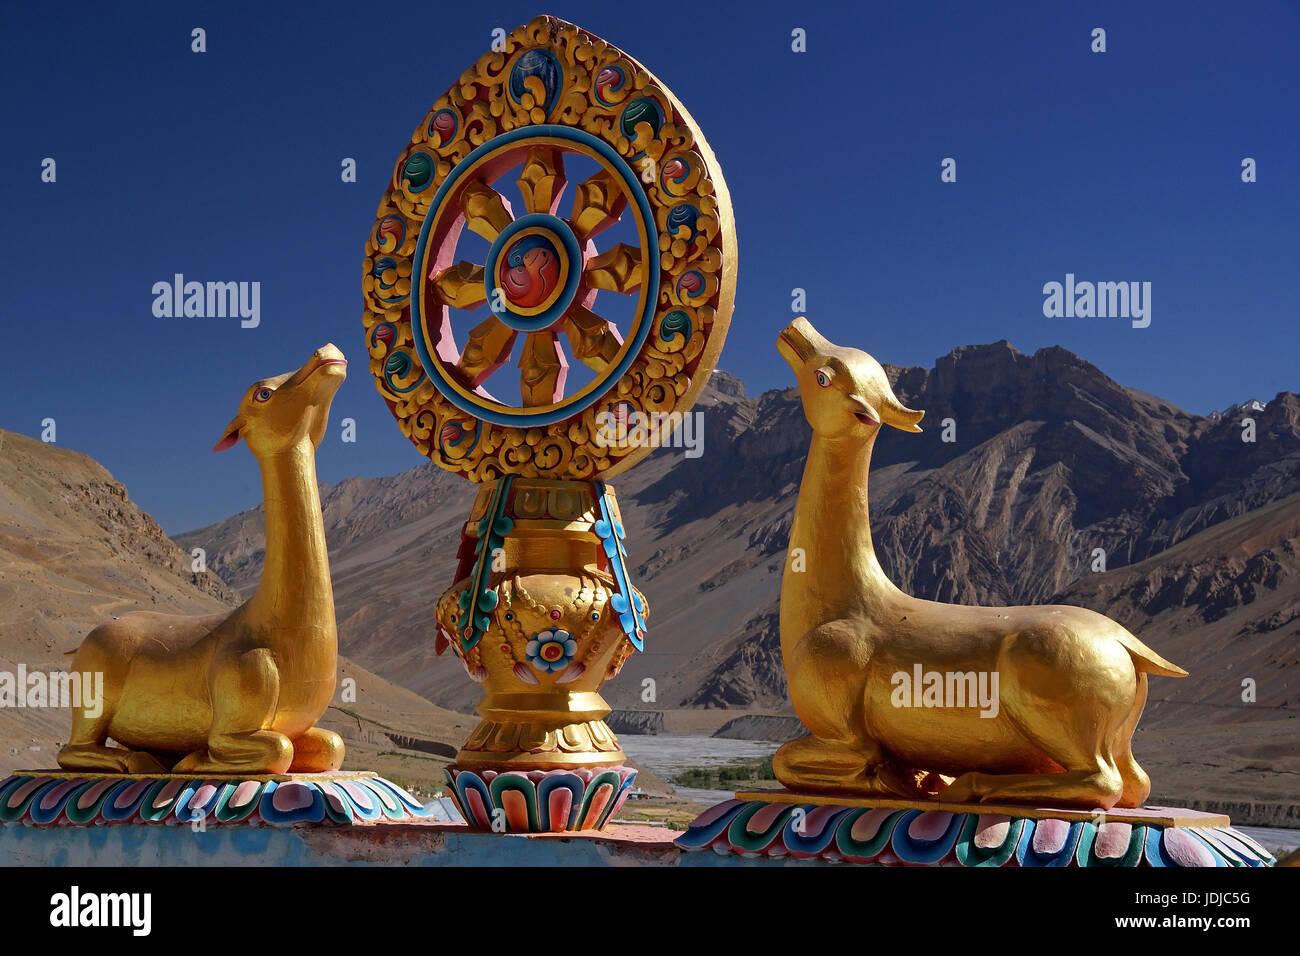 Asien, Indien, Nord-Indien, Kreuzgang des Schlüssels in Spiti, Asien, Indien, Nordindien, Kloster Schlüssel Stockbild